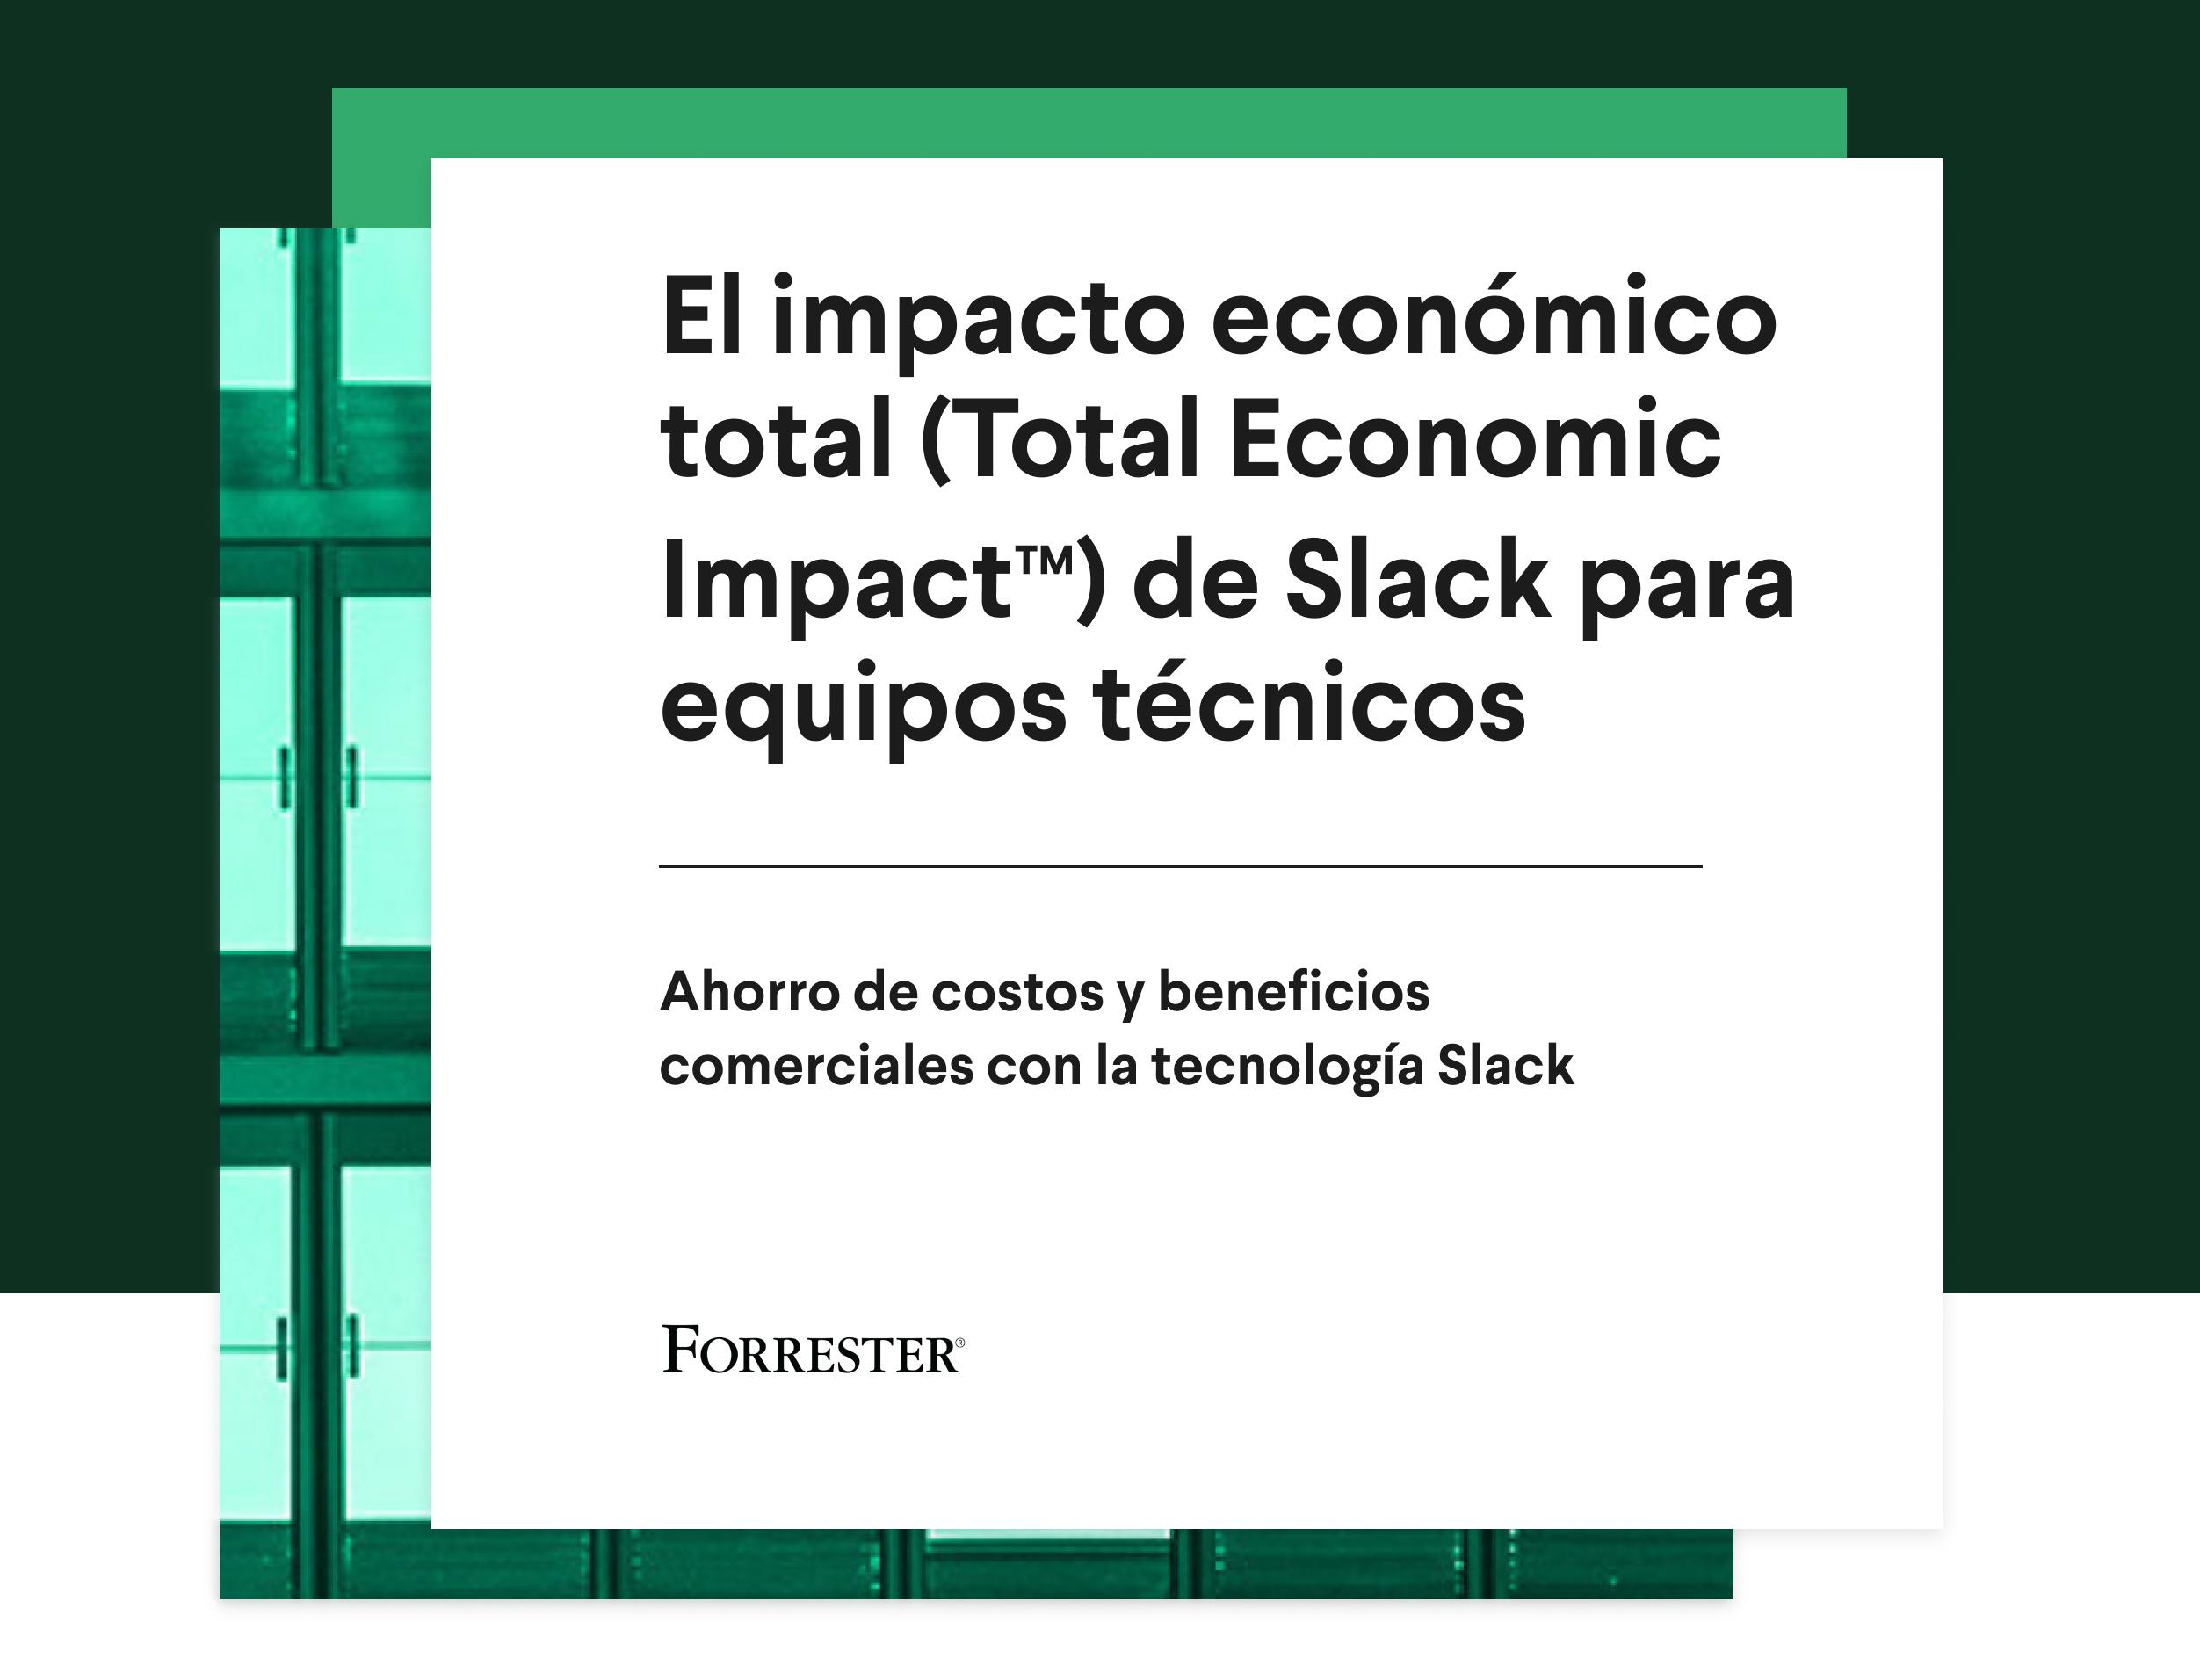 Portada de<i> Estudio Total Economic Impact de Slack para equipos técnicos</i>